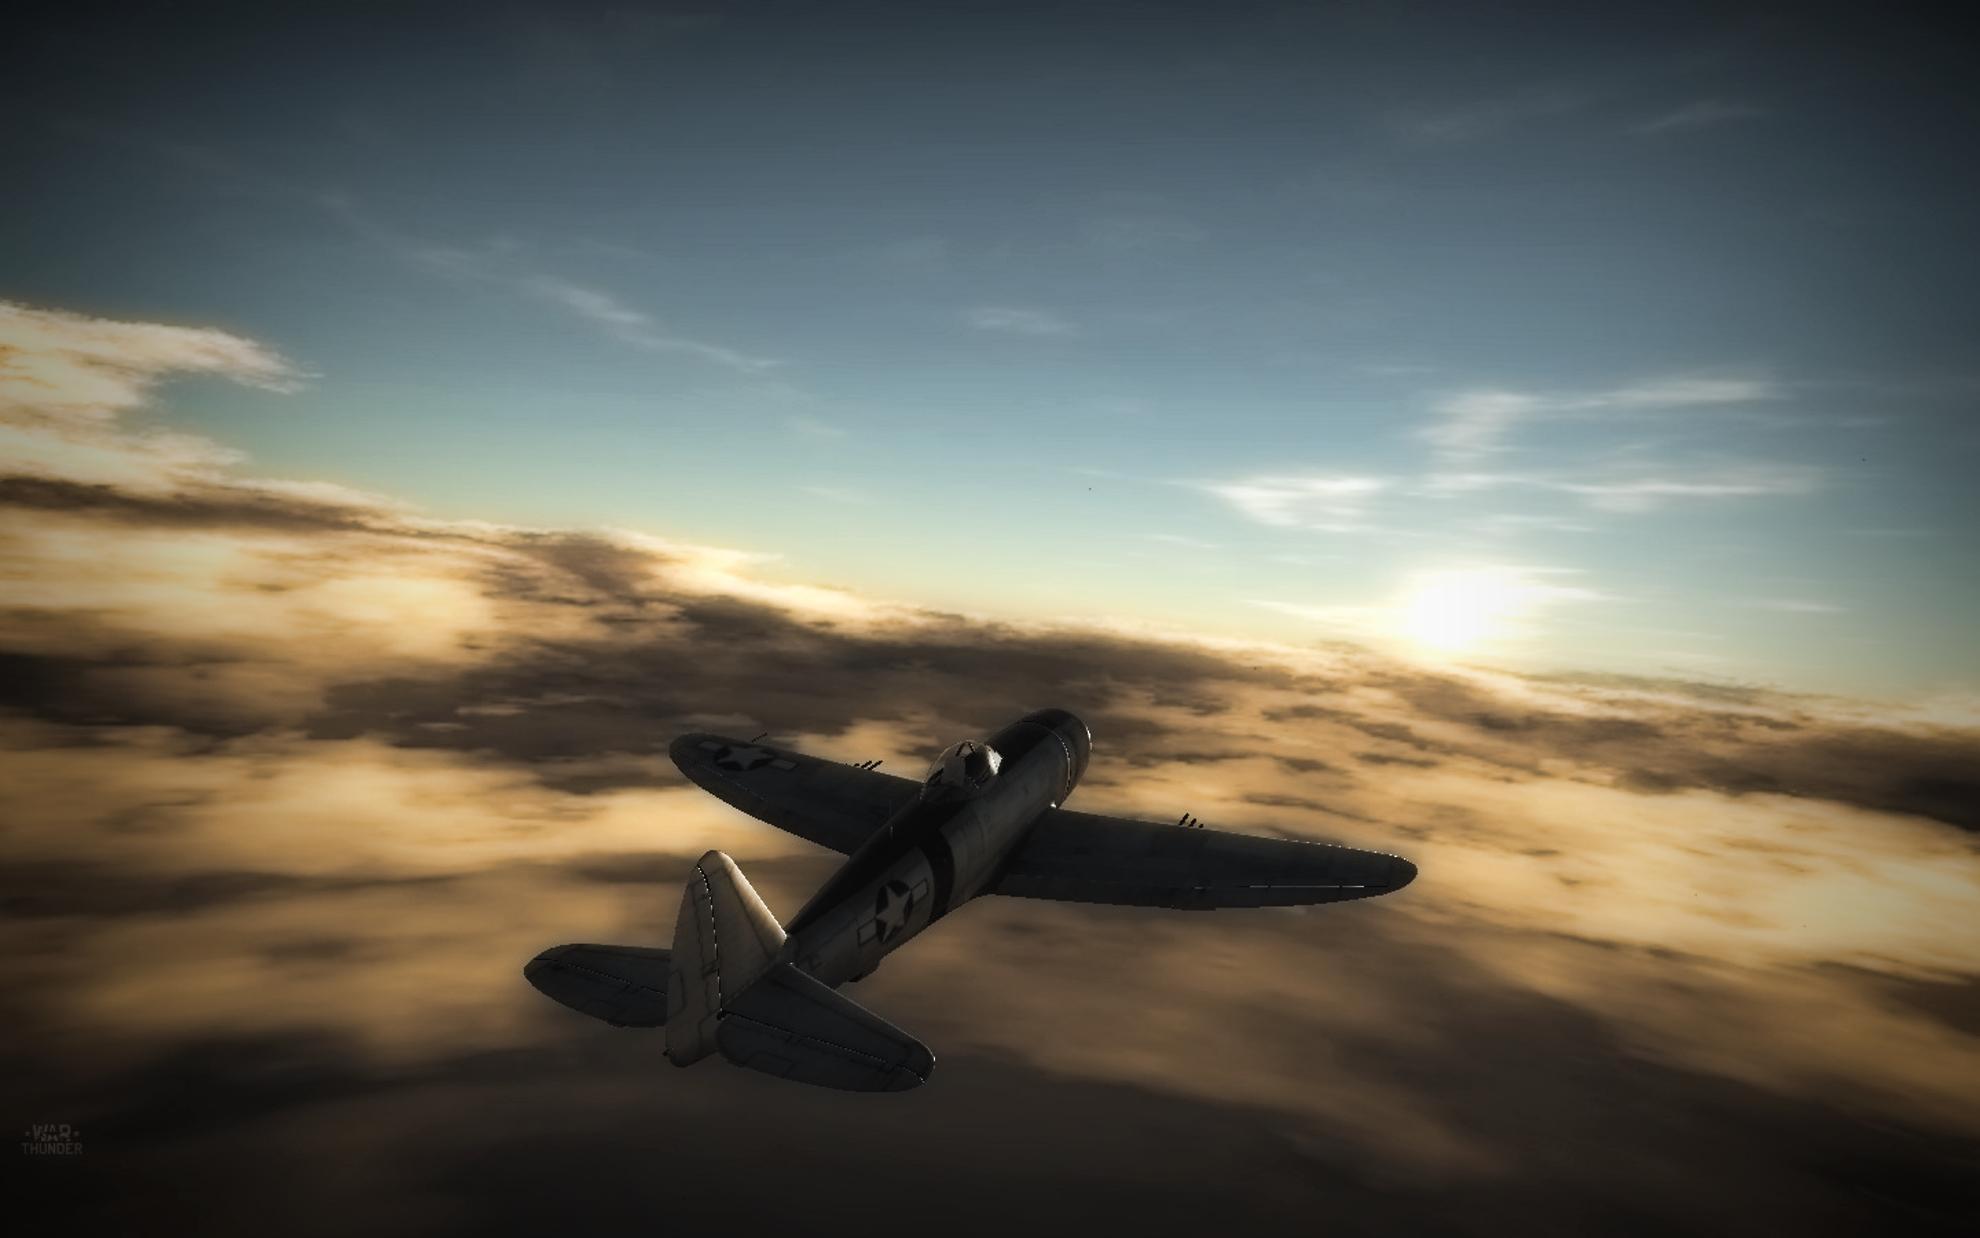 Обои Самолет, Самолеты, Космос, Art, Много, Бомбардировщик, Game ...   1238x1980